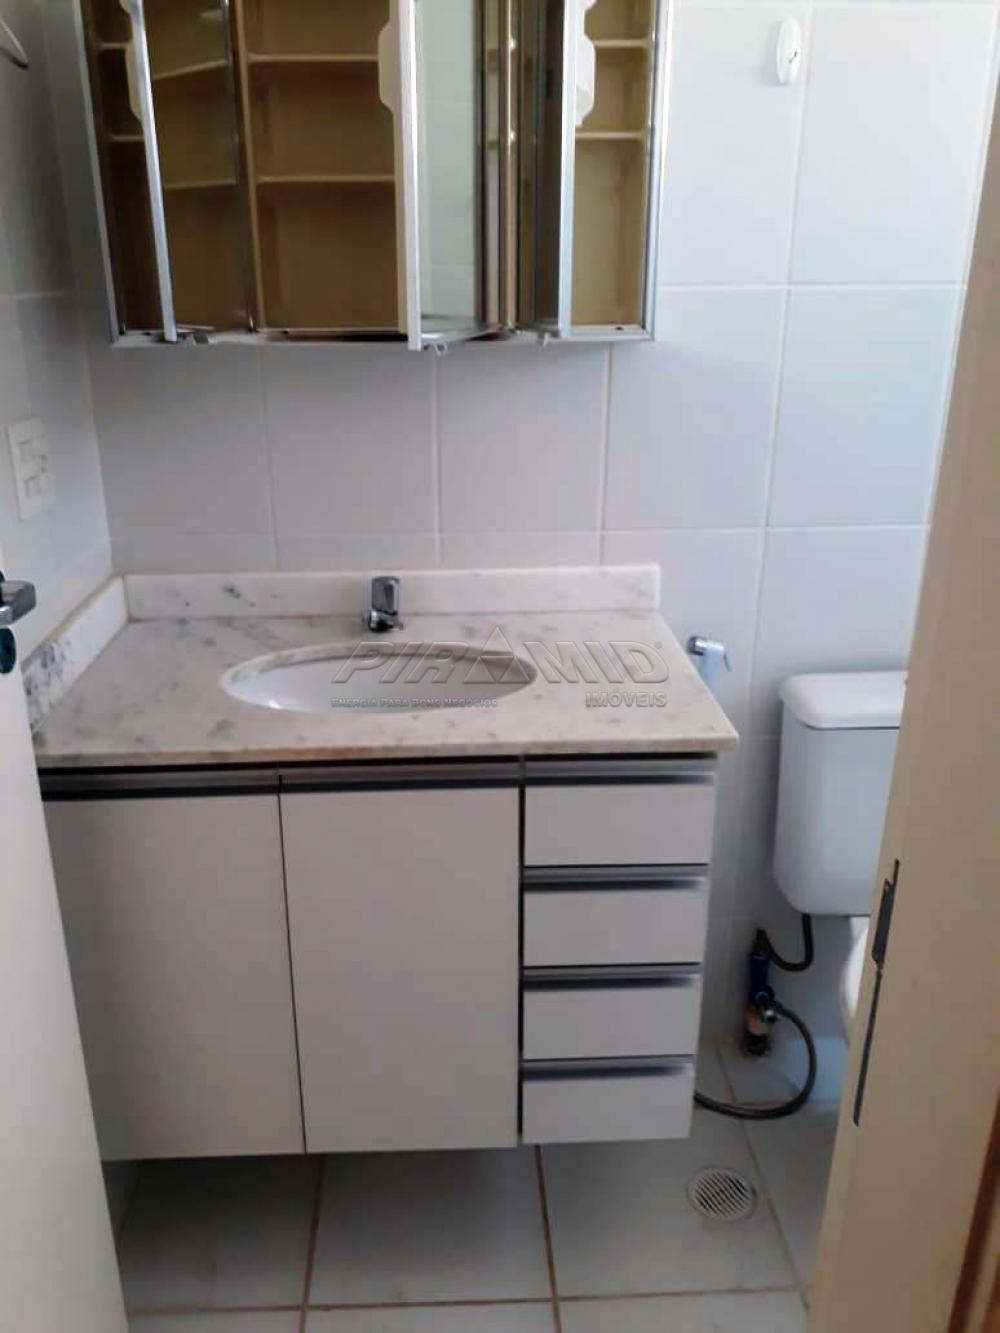 Alugar Casa / Condomínio em Ribeirão Preto apenas R$ 2.000,00 - Foto 9